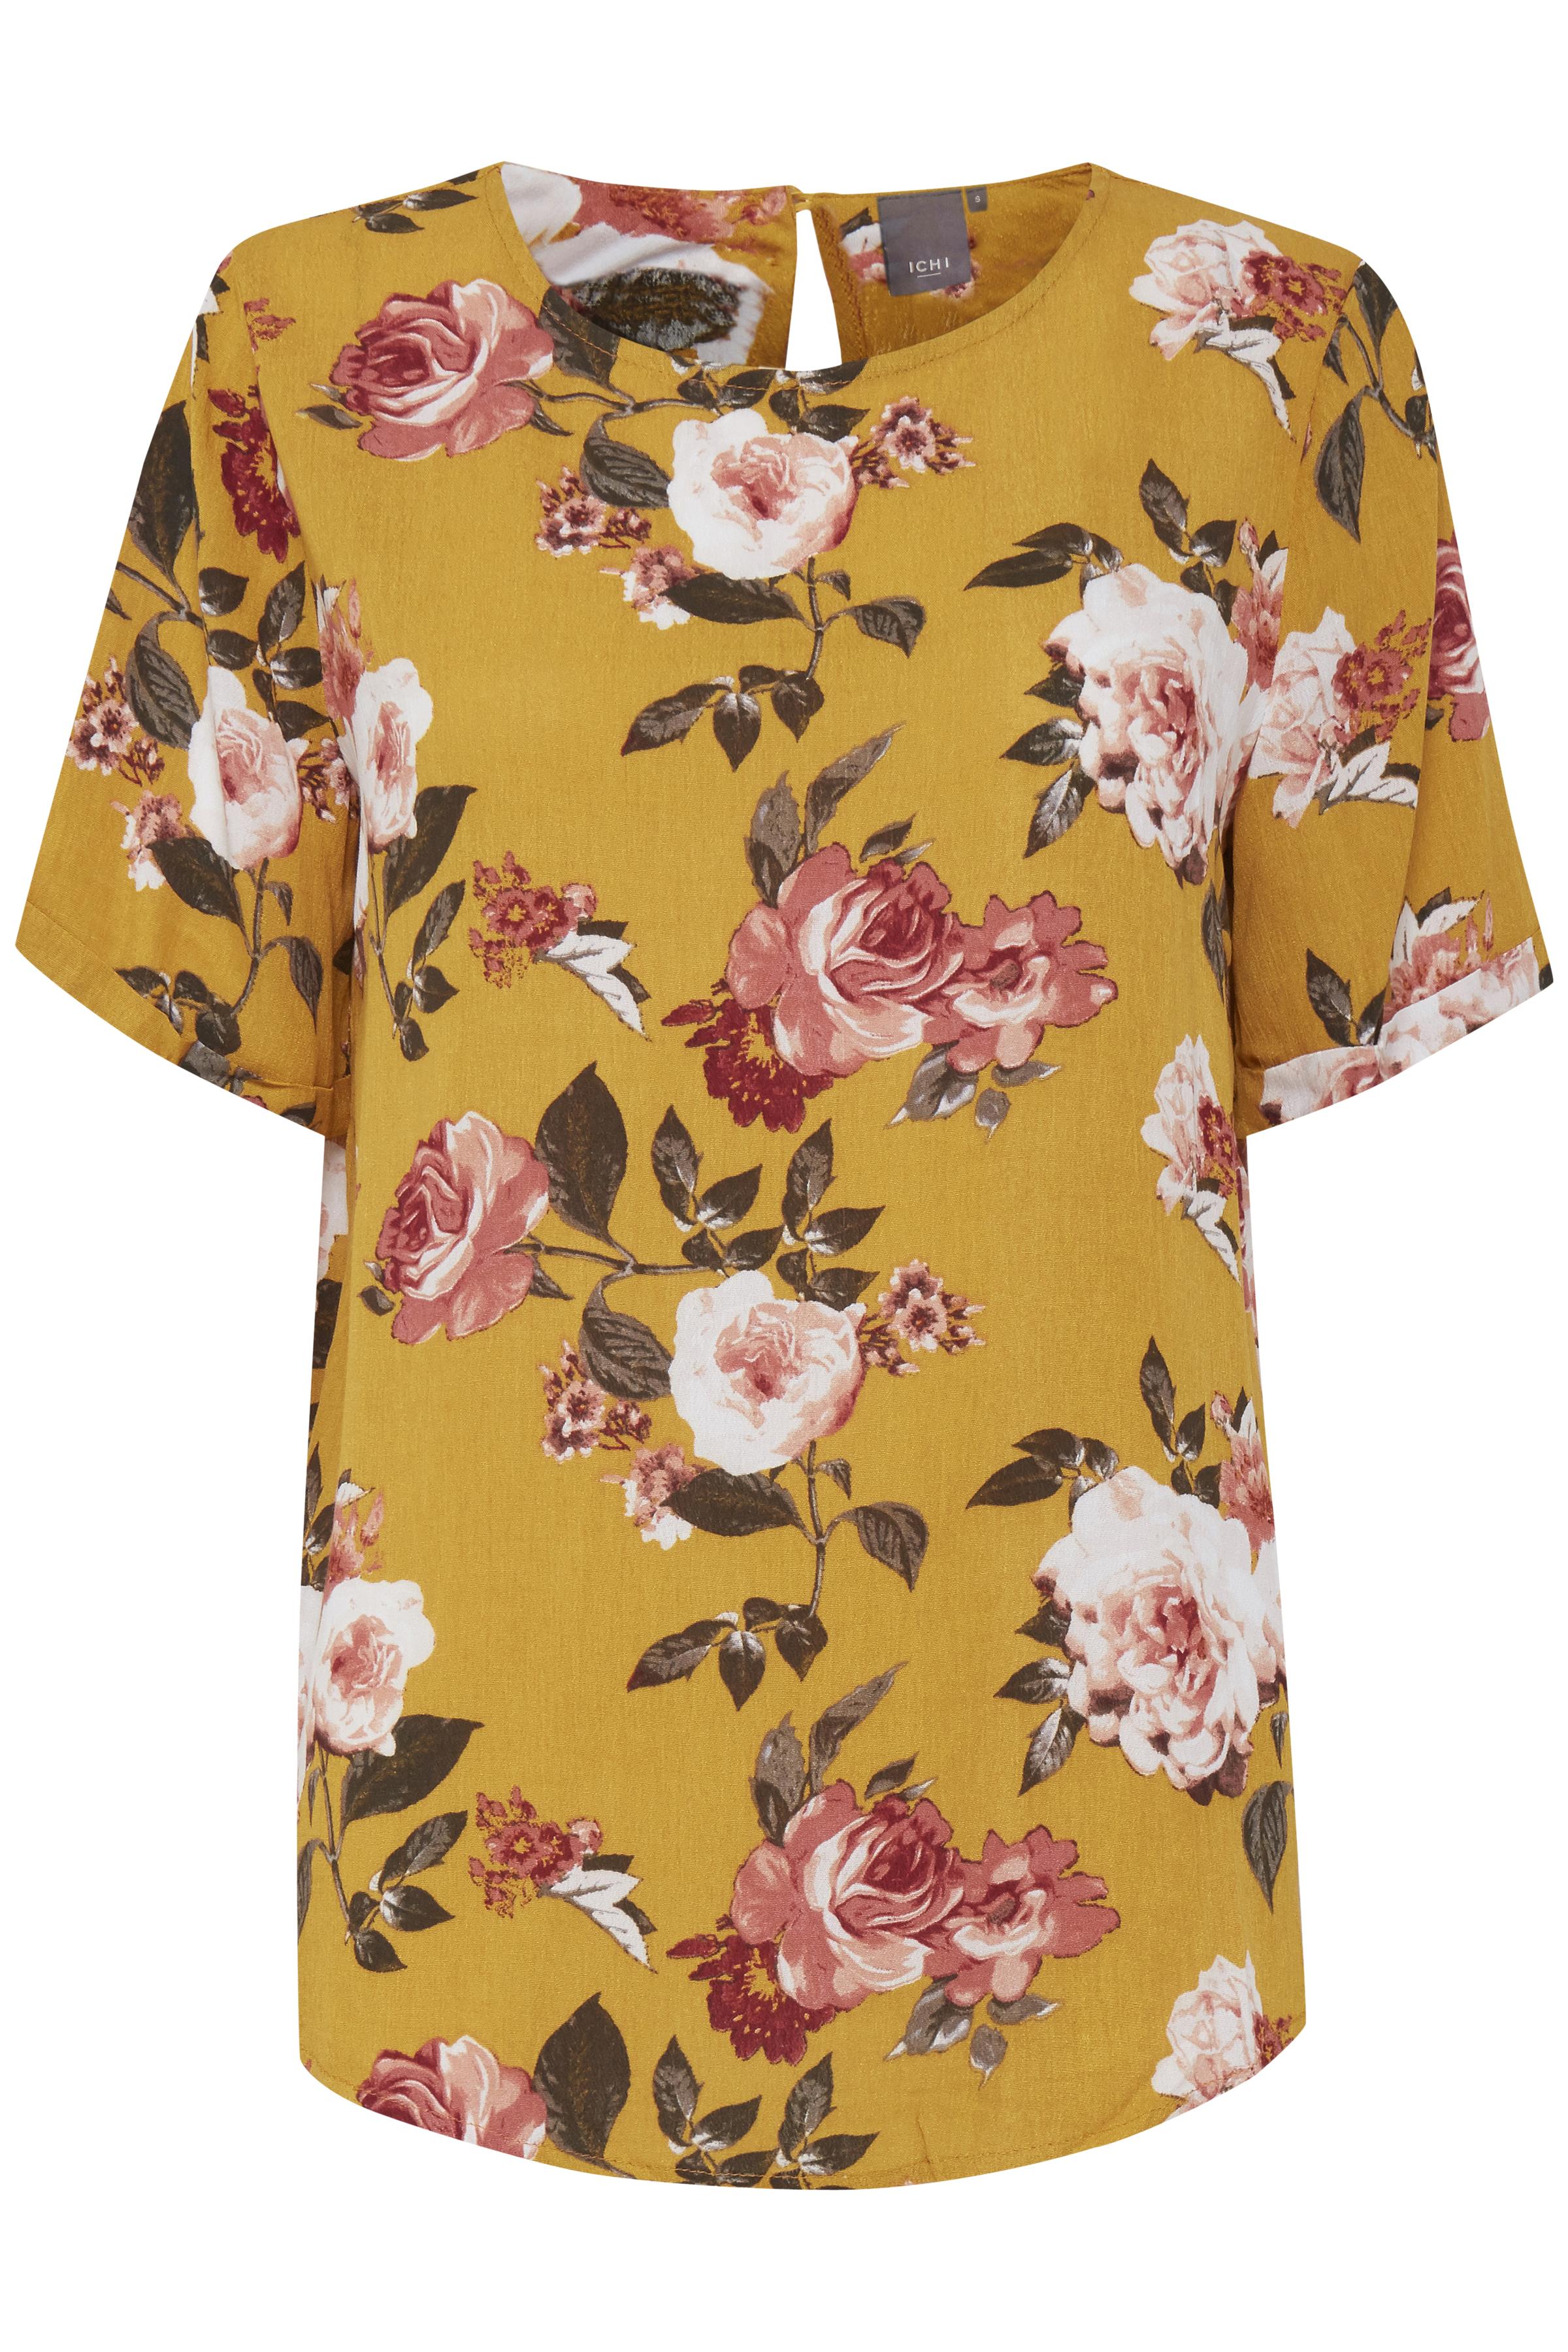 Citrus Shirt with short sleev fra Ichi – Køb Citrus Shirt with short sleev fra str. XS-XL her